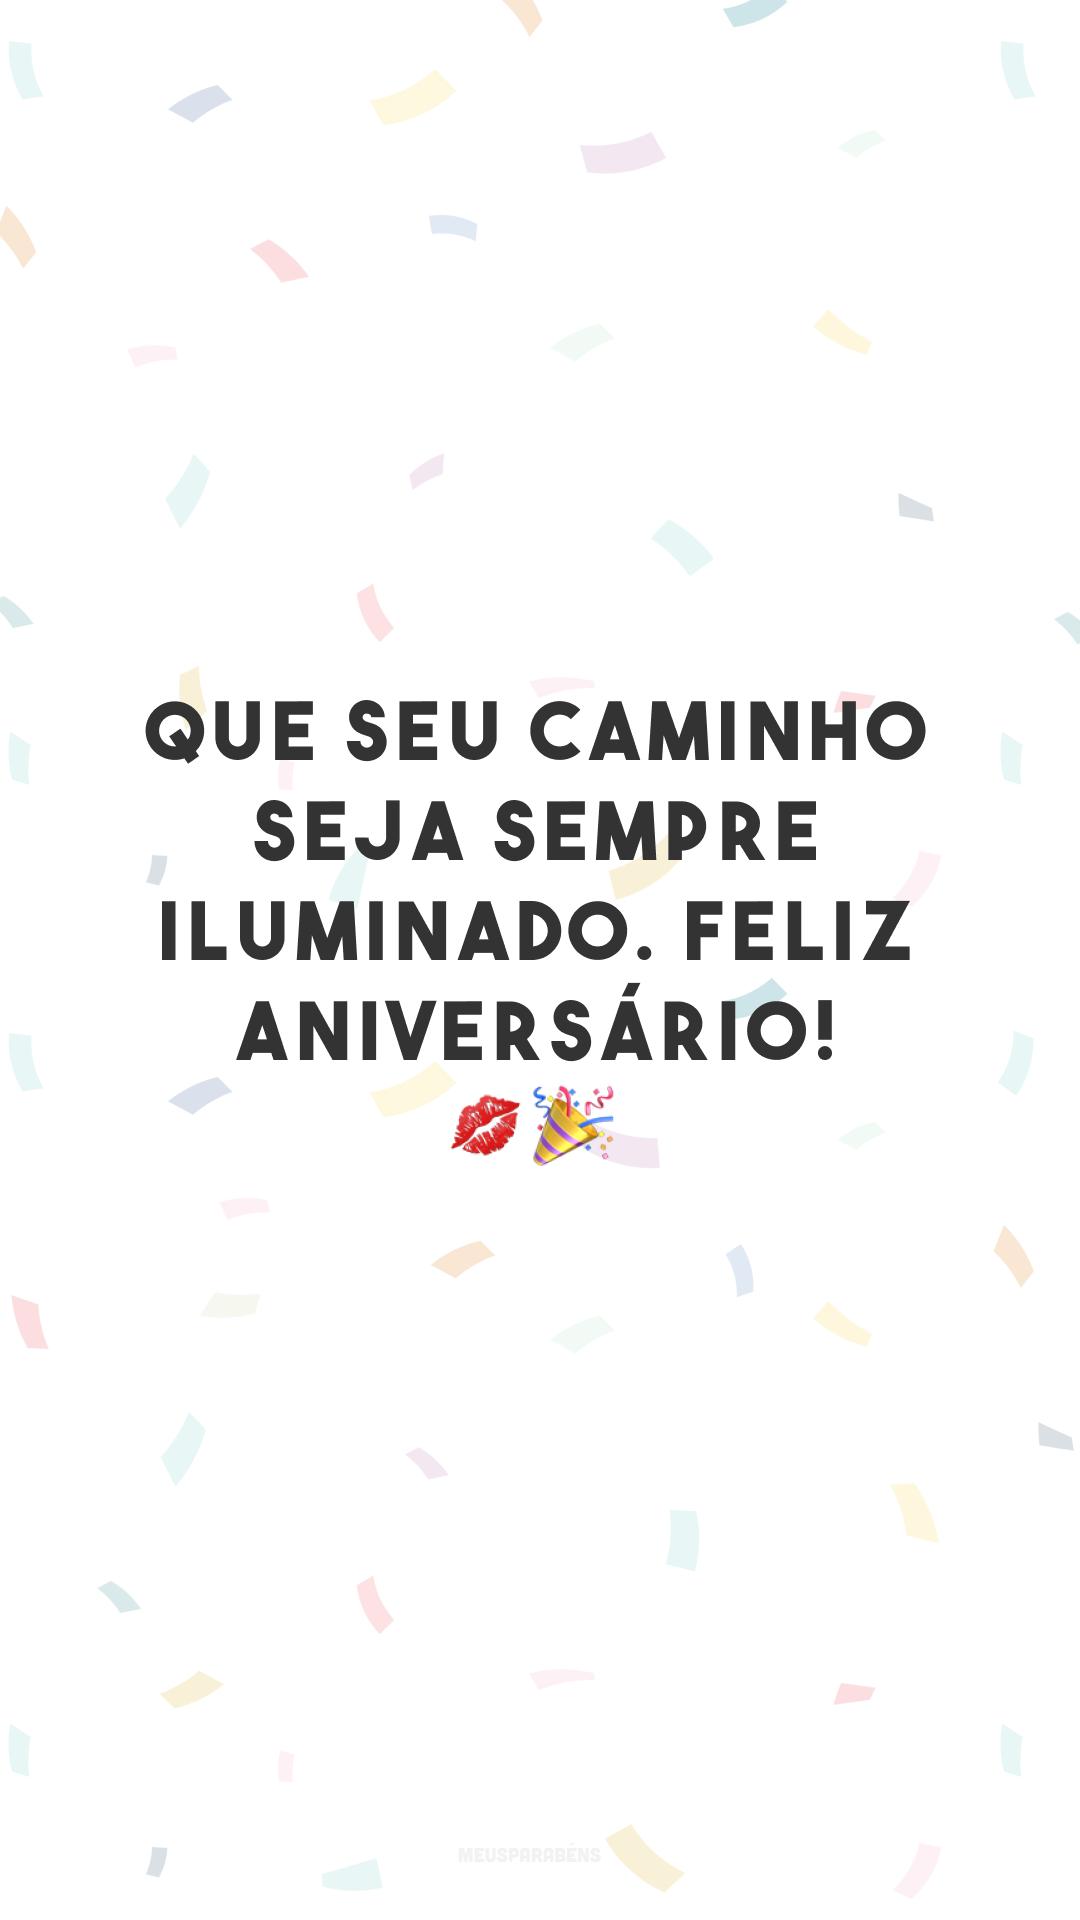 Que seu caminho seja sempre iluminado. Feliz aniversário! 💋🎉<br />